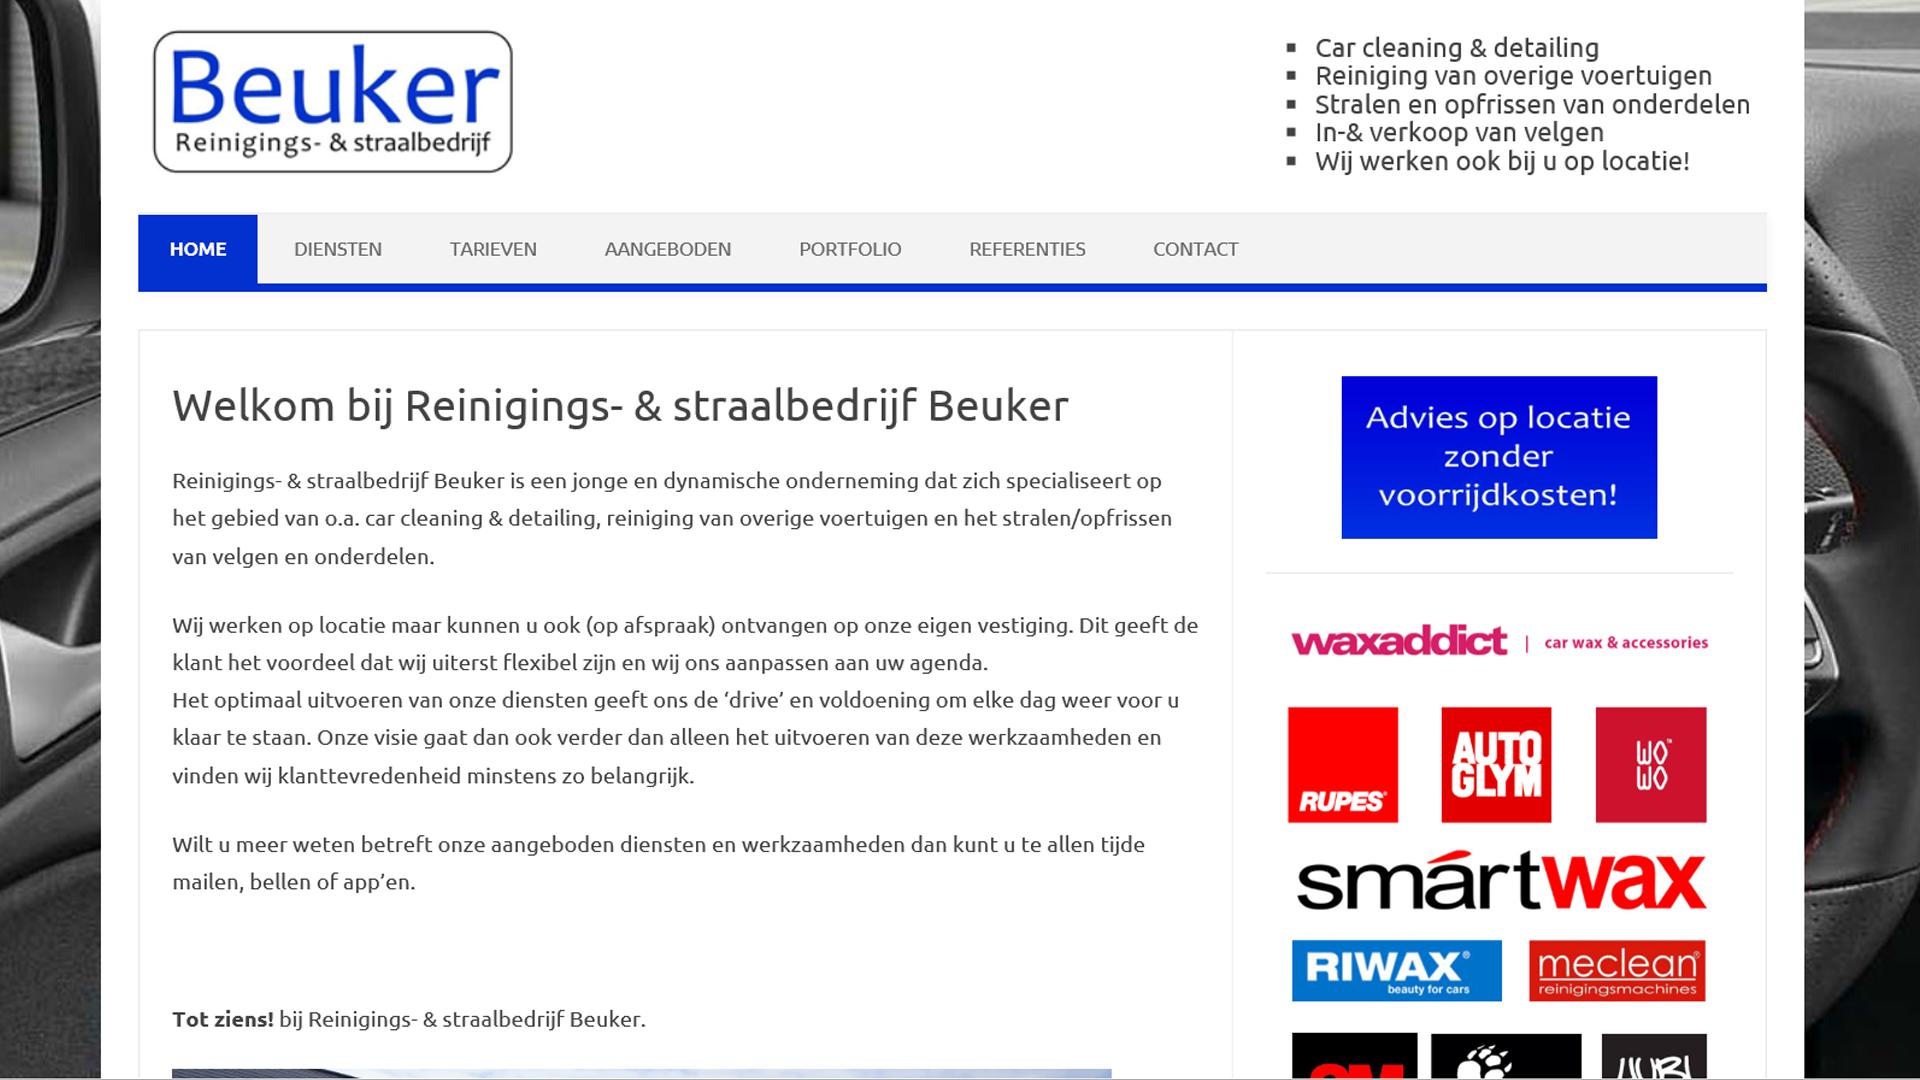 Reinigings- & straalbedrijf Beuker